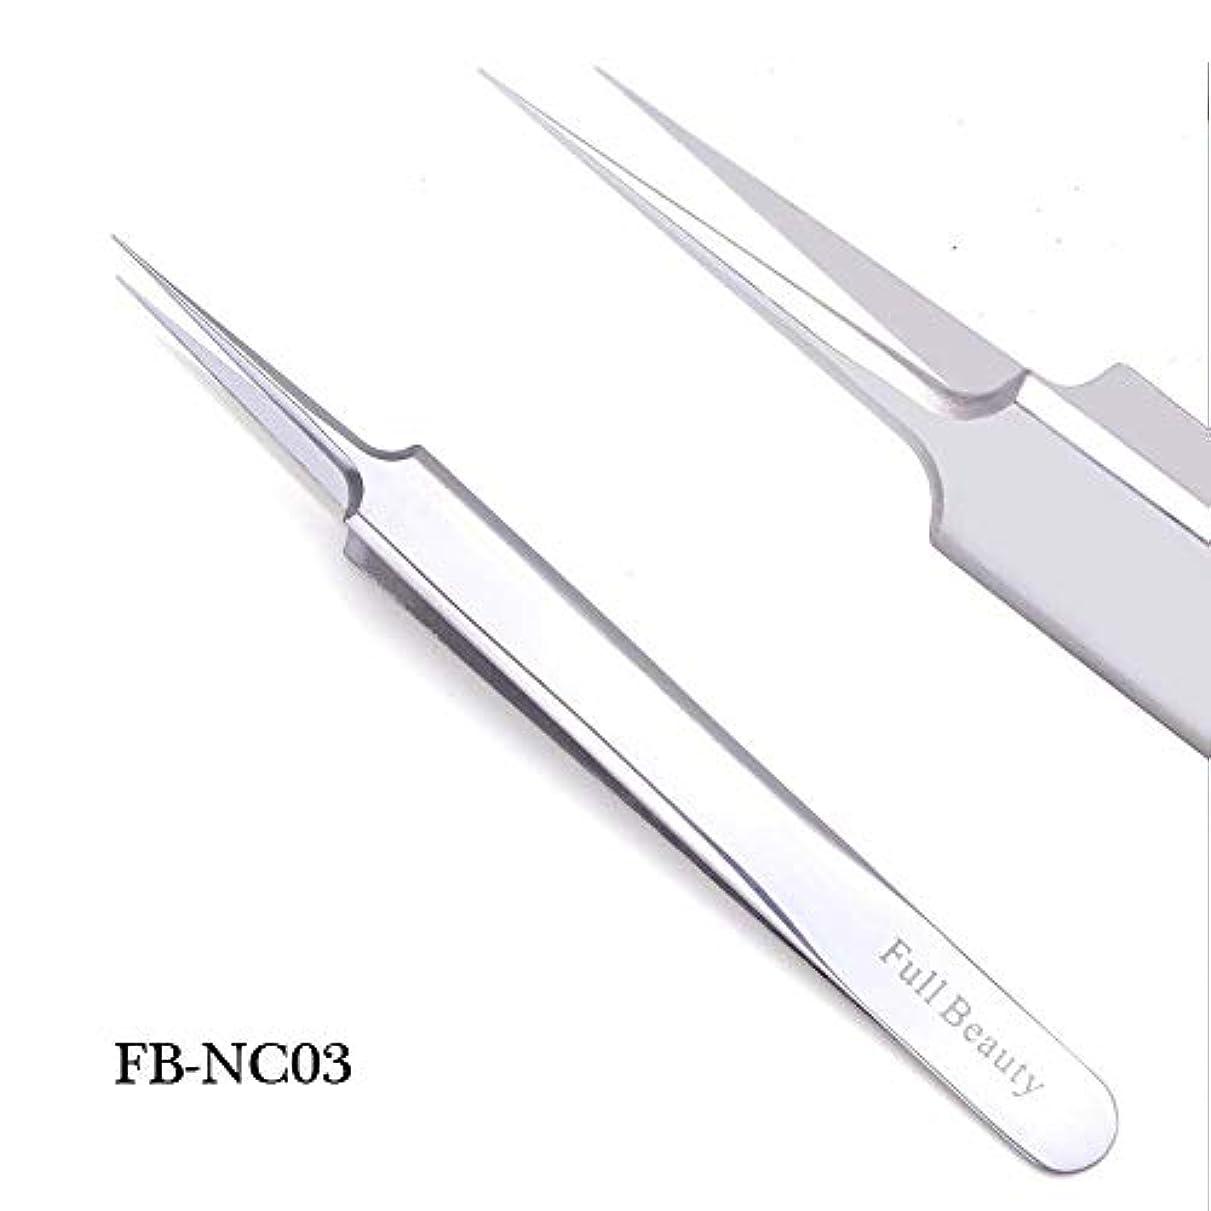 するだろう愛する給料1ピーススライバーミラー眉毛ピンセット湾曲ストレートまつげエクステンションネイルニッパーにきびクリーニング化粧道具マニキュアSAFBNC01-04 FB-NC03